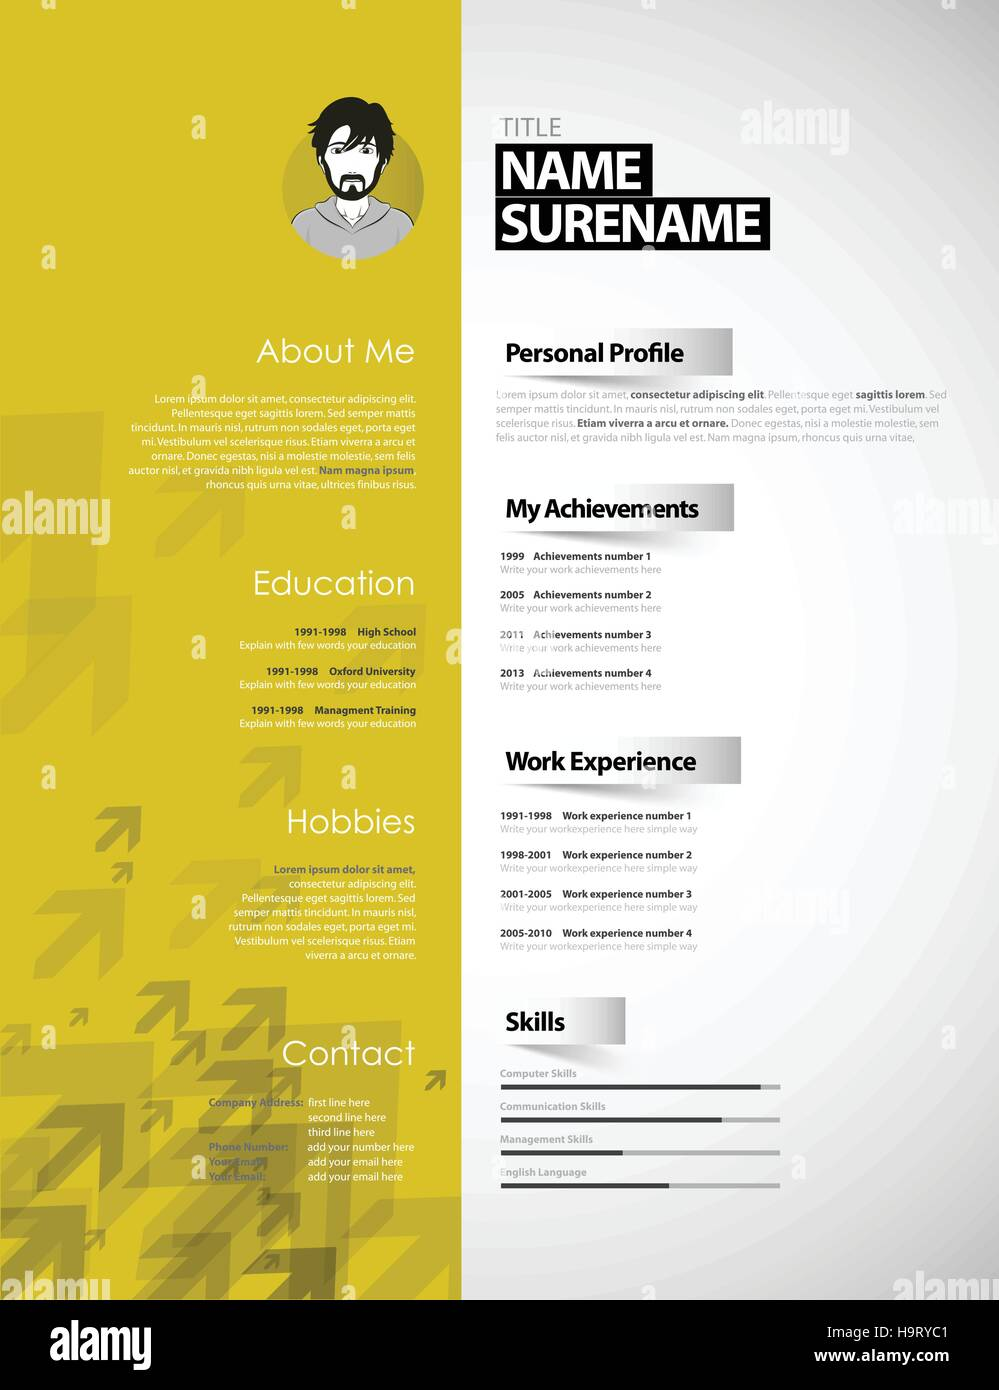 Curriculum Vitae Job Personal Info Stockfotos & Curriculum Vitae ...